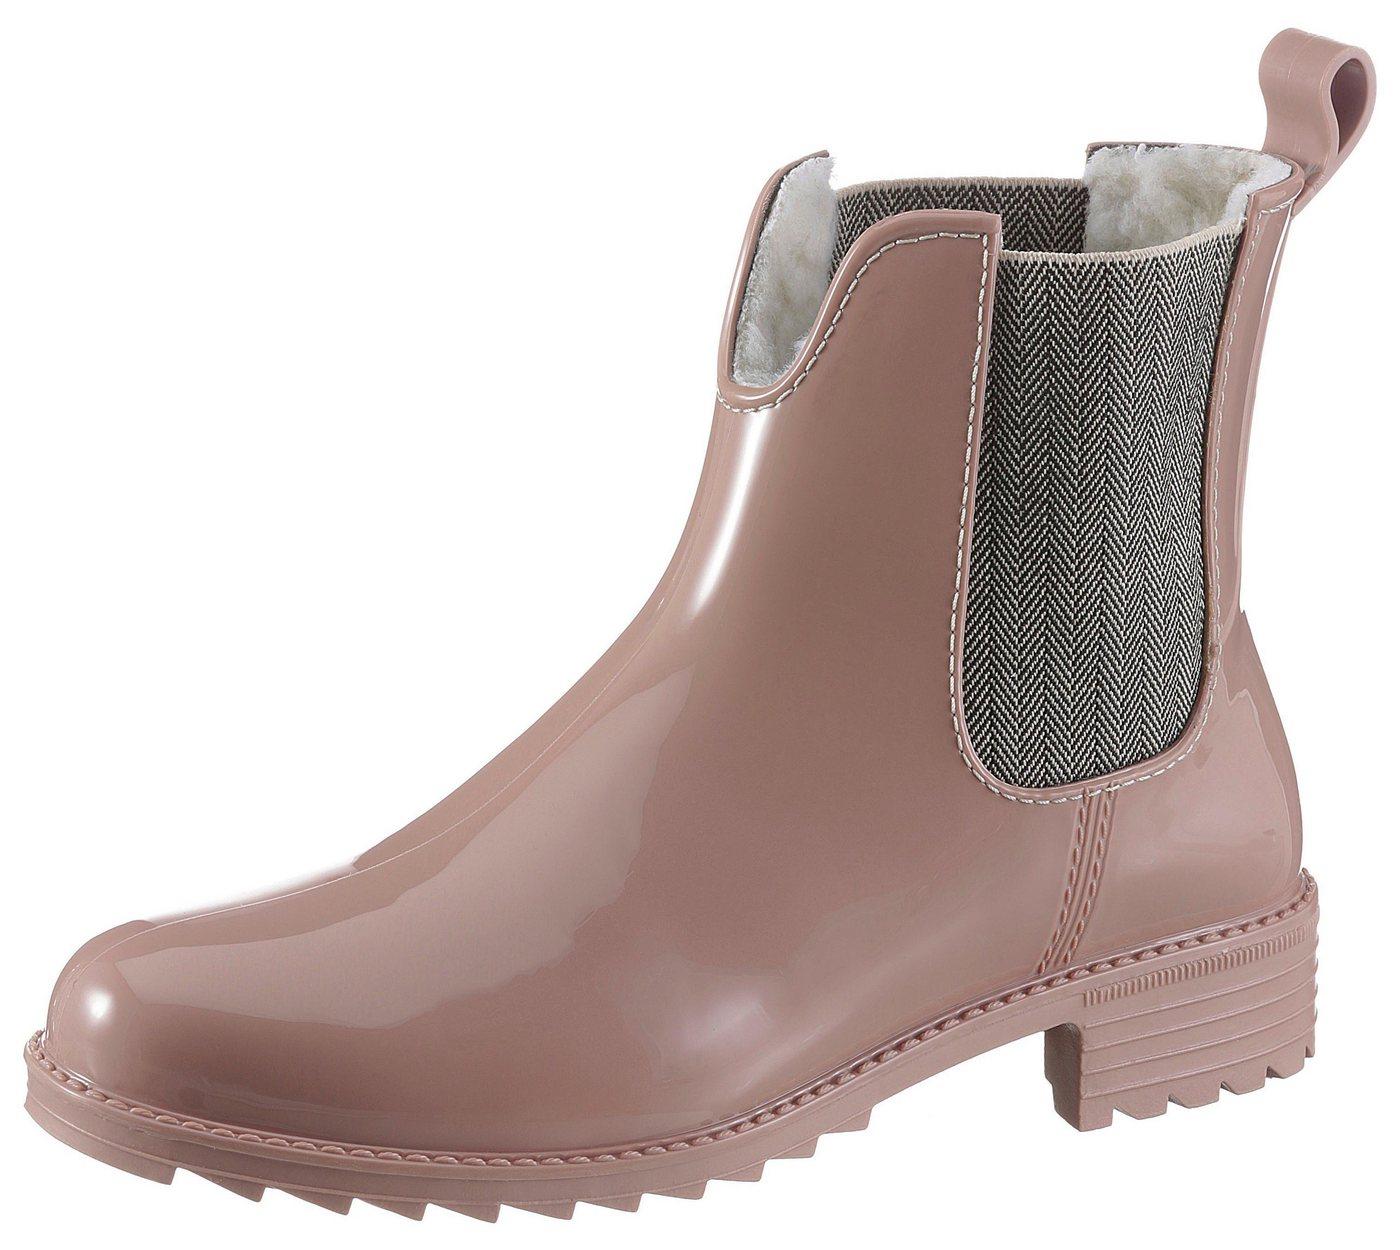 Damen Rieker Gummistiefel mit Stretcheinsätzen rosa, schwarz   04059954068525